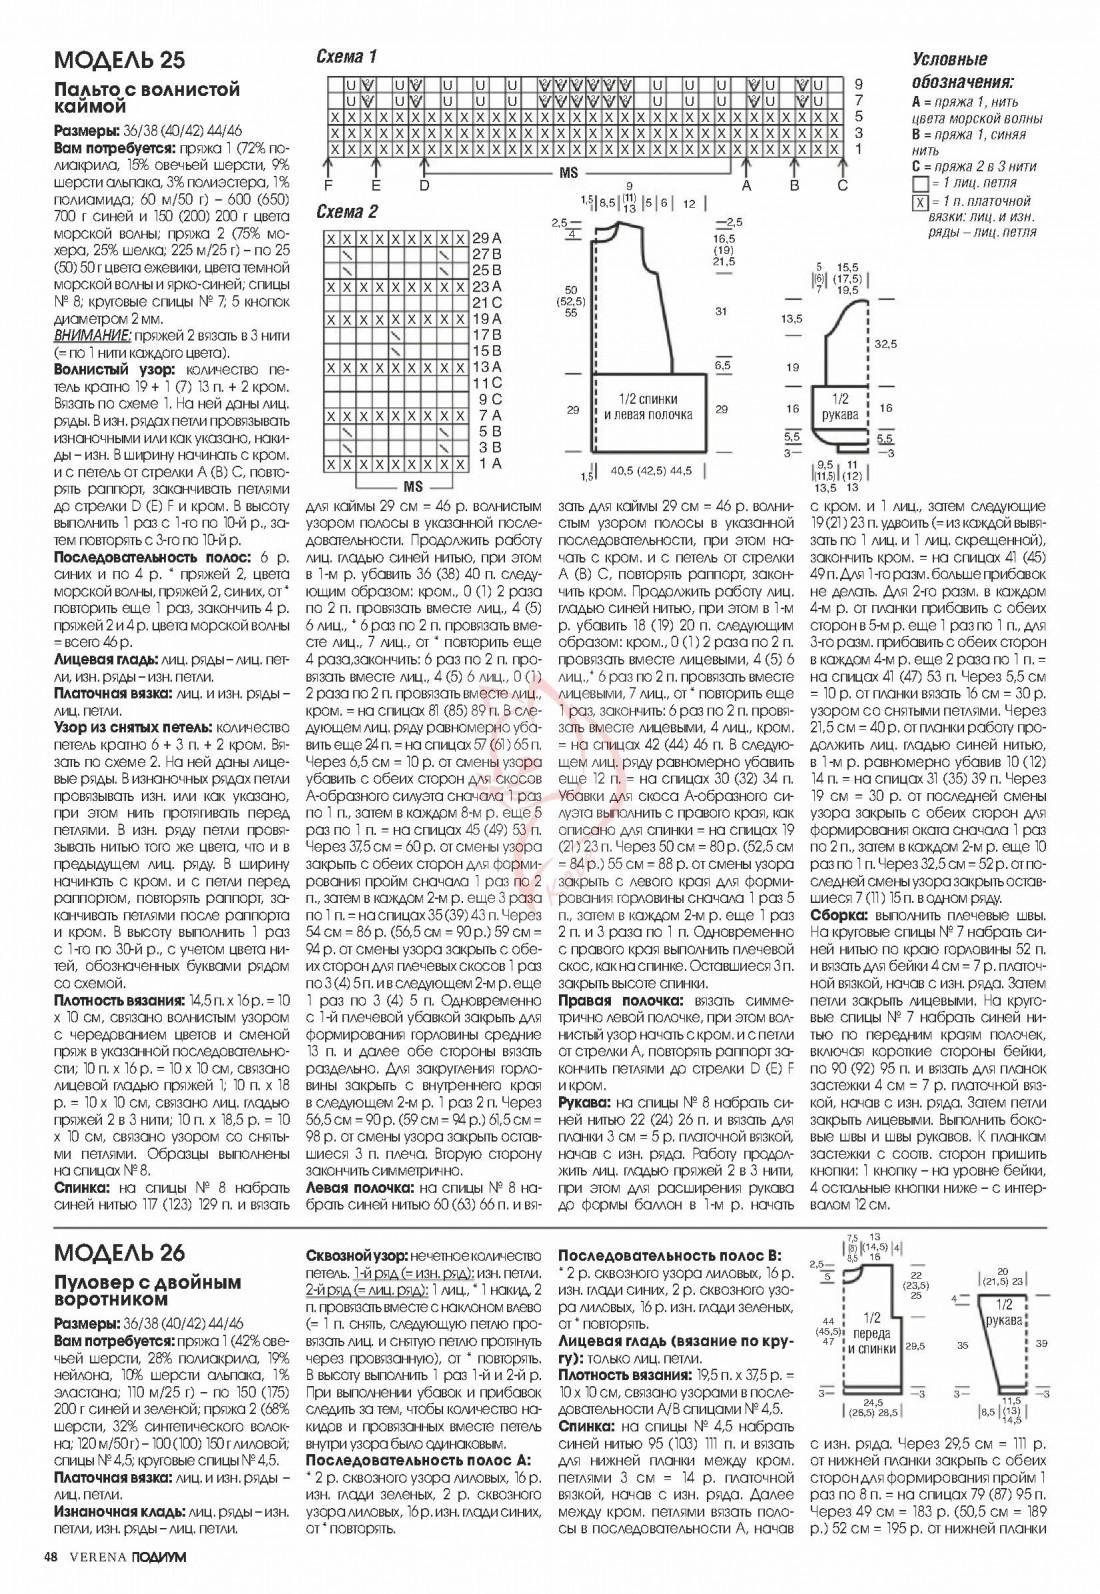 Page_000481f1e19ddefd7925e.jpg